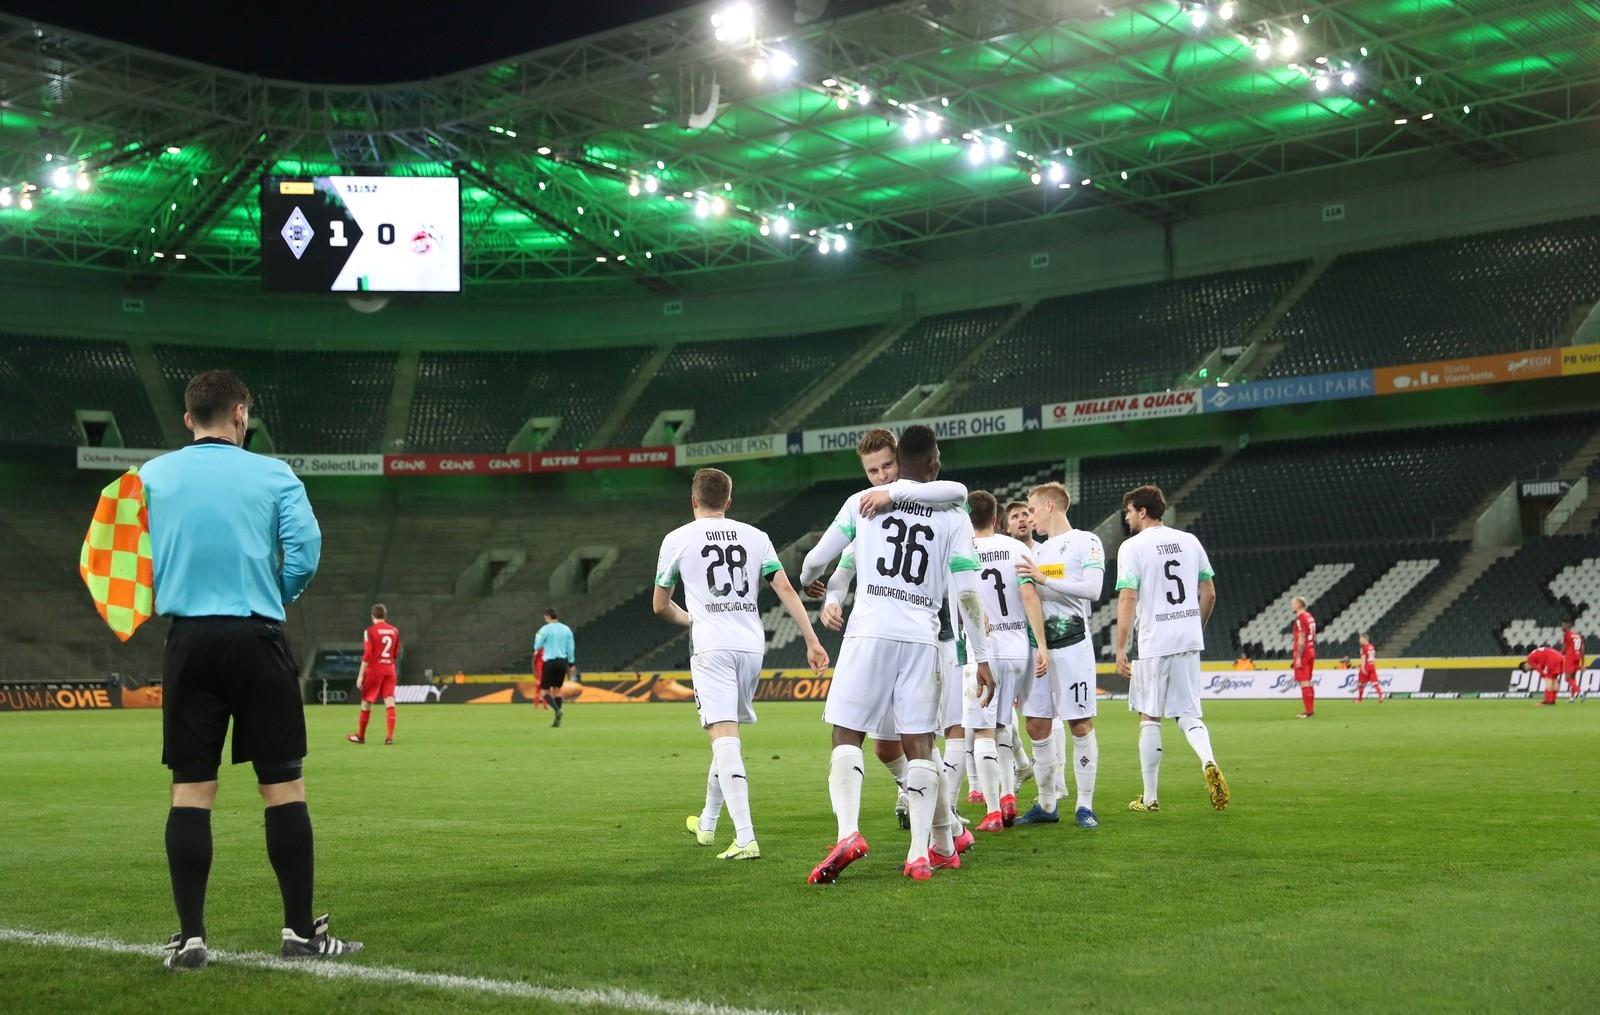 Jogadores do Borussia Monchengladbach comemoram gol contra o Colonia no estádio vazio, em 11 de março